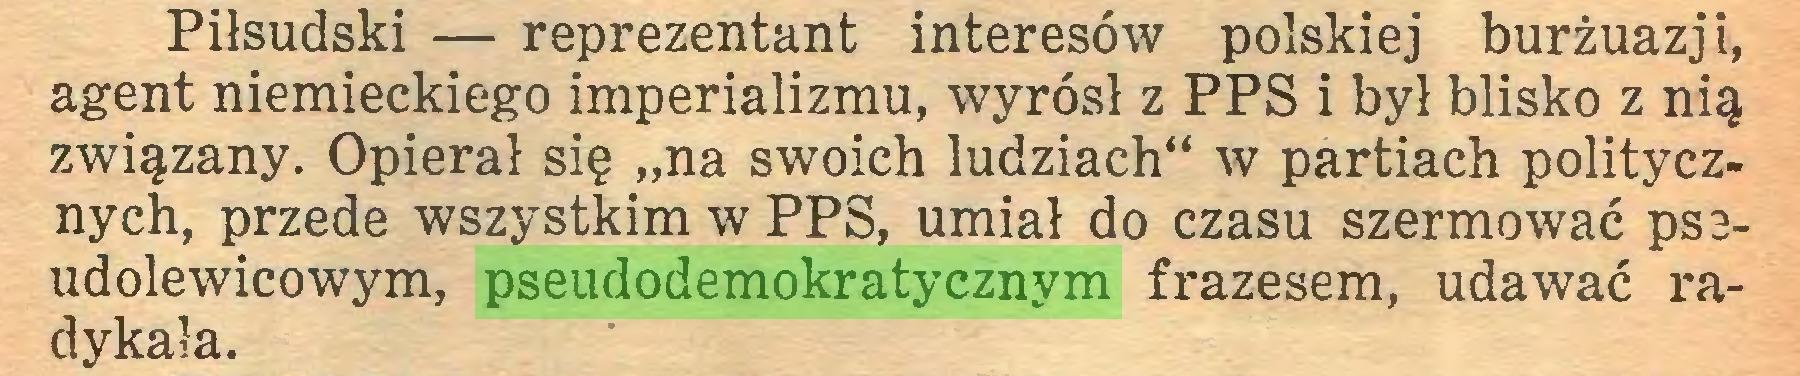 """(...) Piłsudski — reprezentant interesów polskiej burżuazji, agent niemieckiego imperializmu, wyrósł z PPS i był blisko z nią związany. Opierał się """"na swoich ludziach"""" w partiach politycznych, przede wszystkim w PPS, umiał do czasu szermować psaudolewicowym, pseudodemokratycznym frazesem, udawać radykała..."""